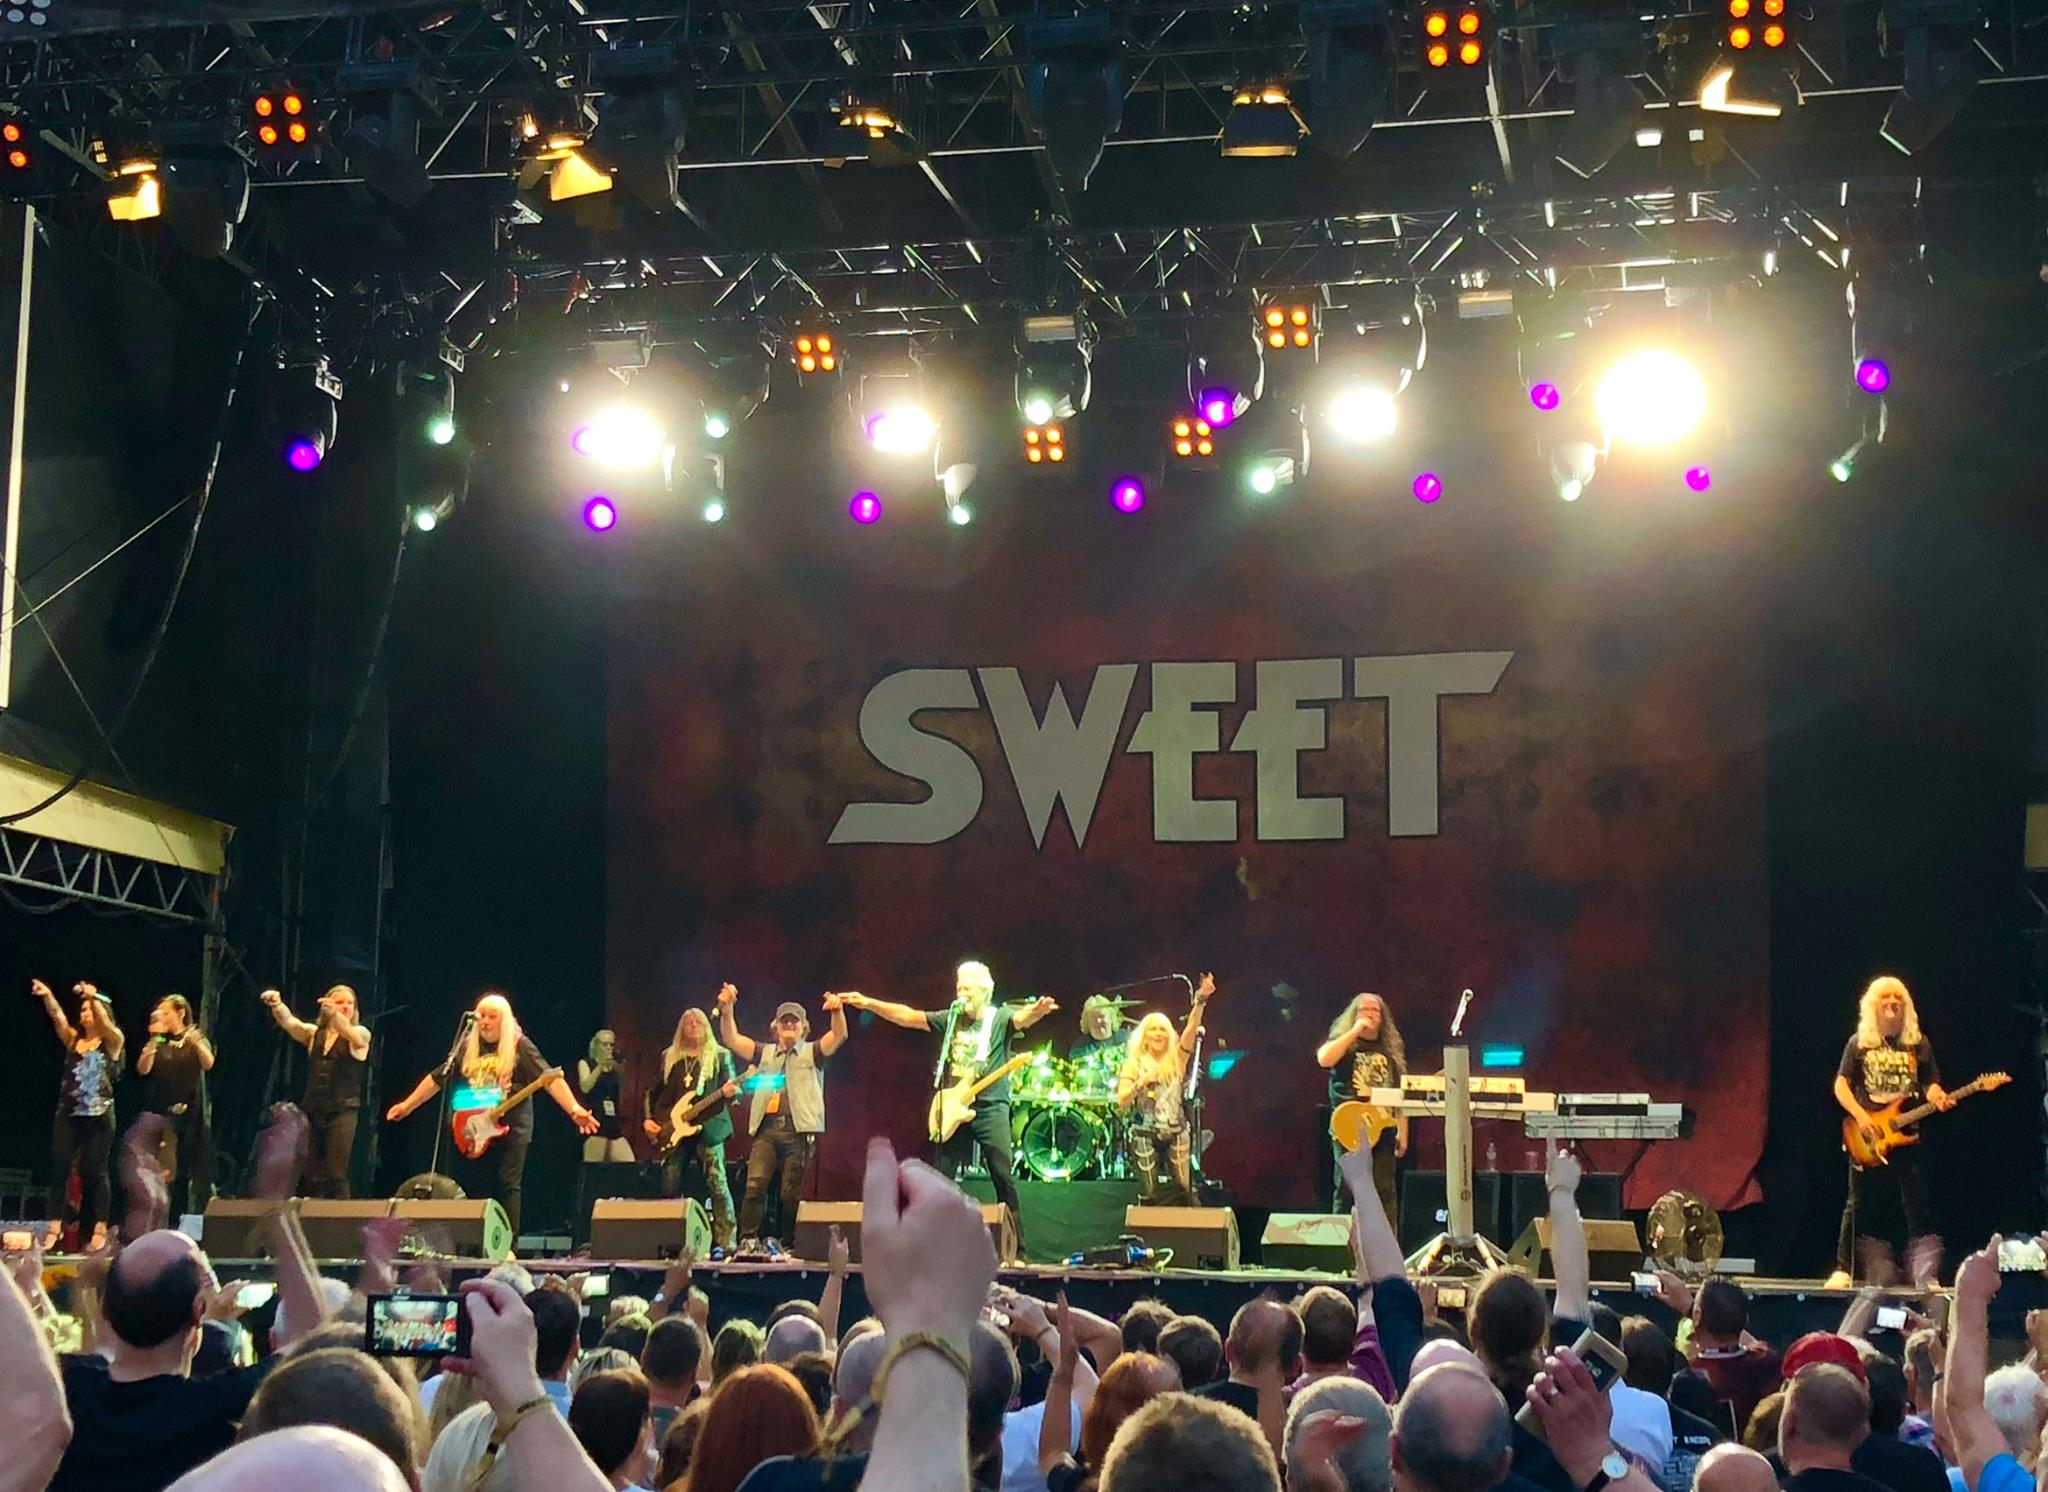 Sweet 50 years